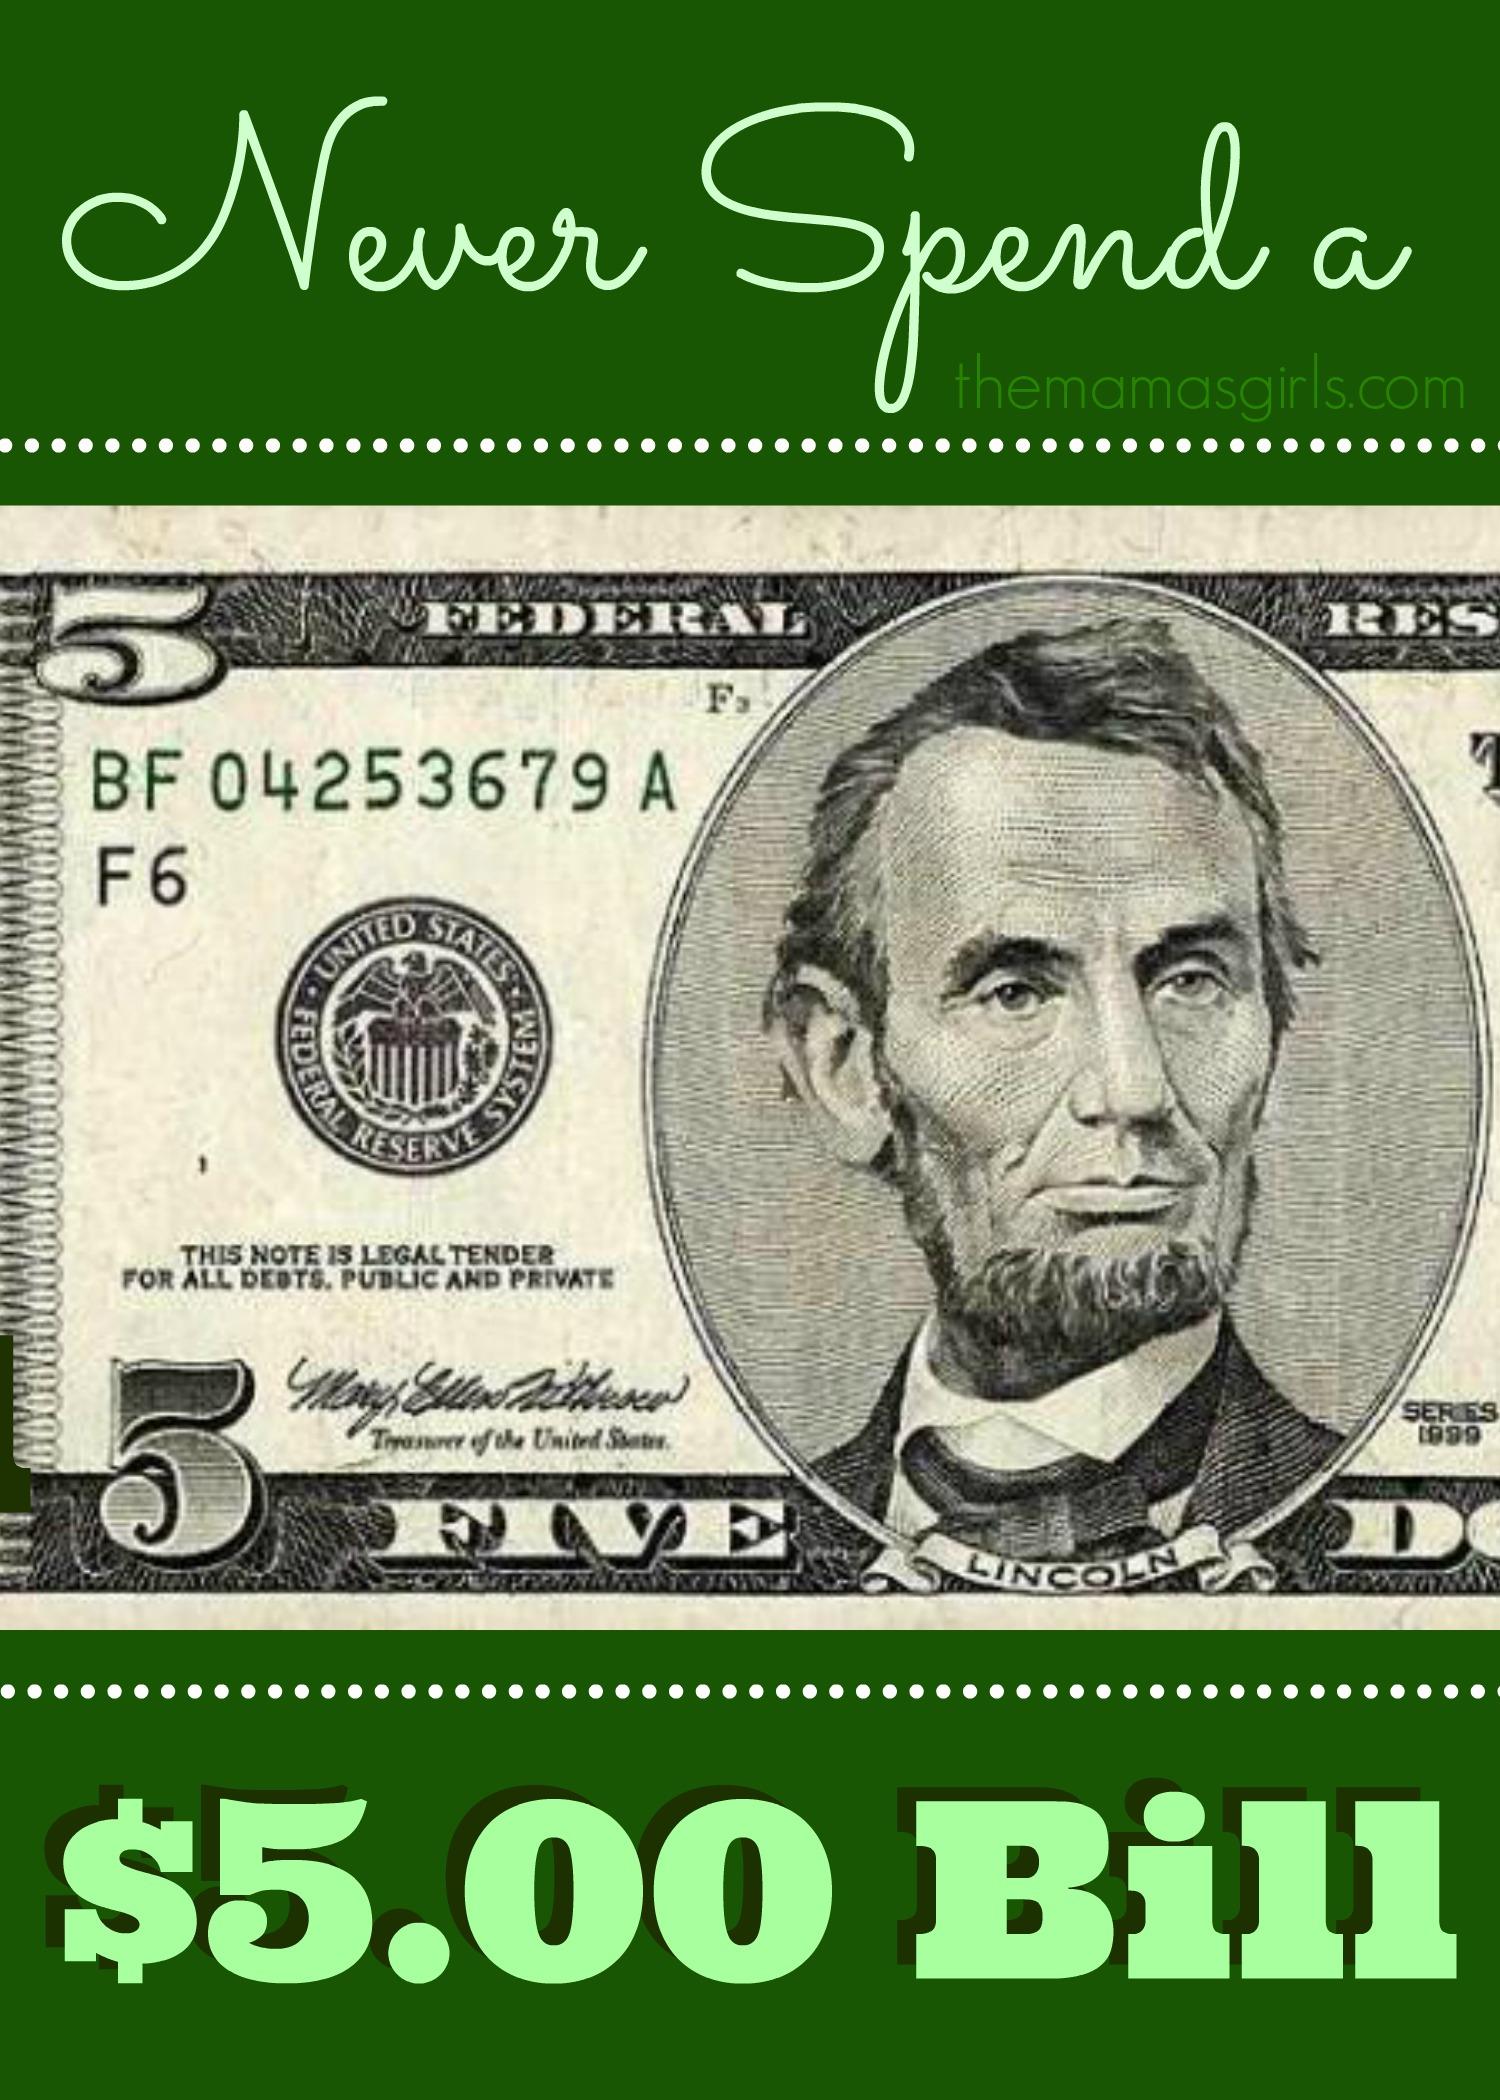 Never Spend a $5.00 Bill